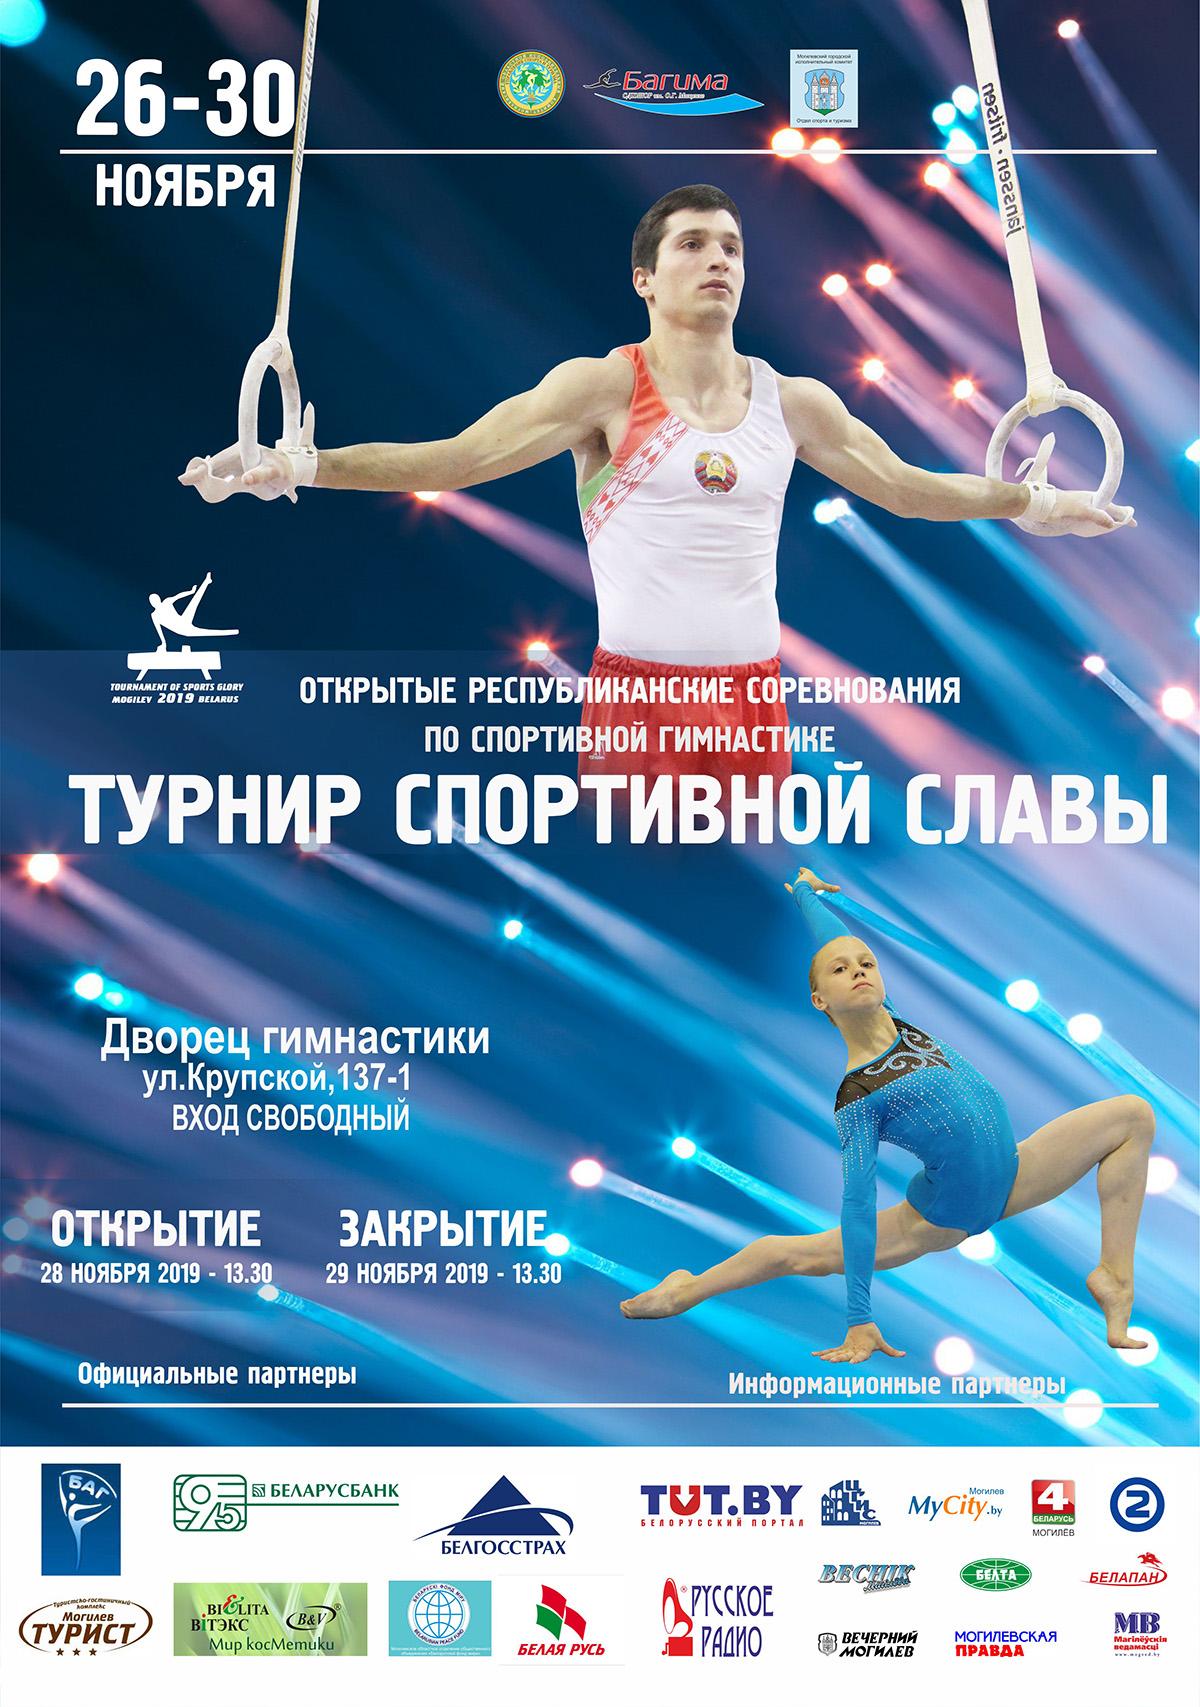 «Турнир спортивной славы» впервые пройдет вМогилеве 26-30 ноября